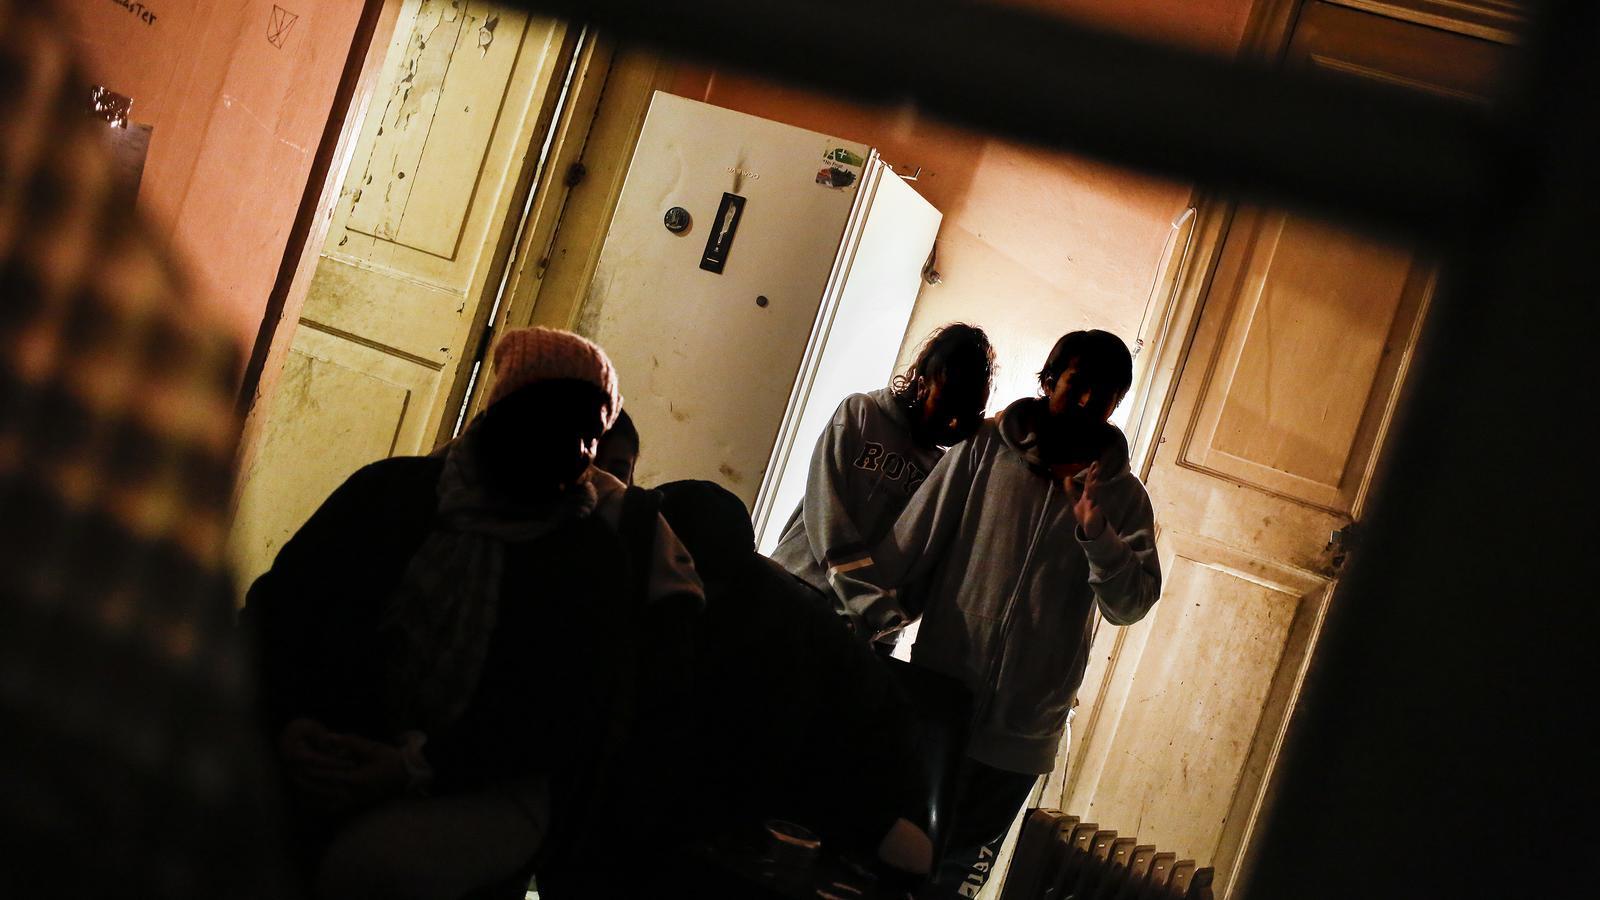 La família Ramírez ha ocupat un pis que abans era narcopís al barri gòtic